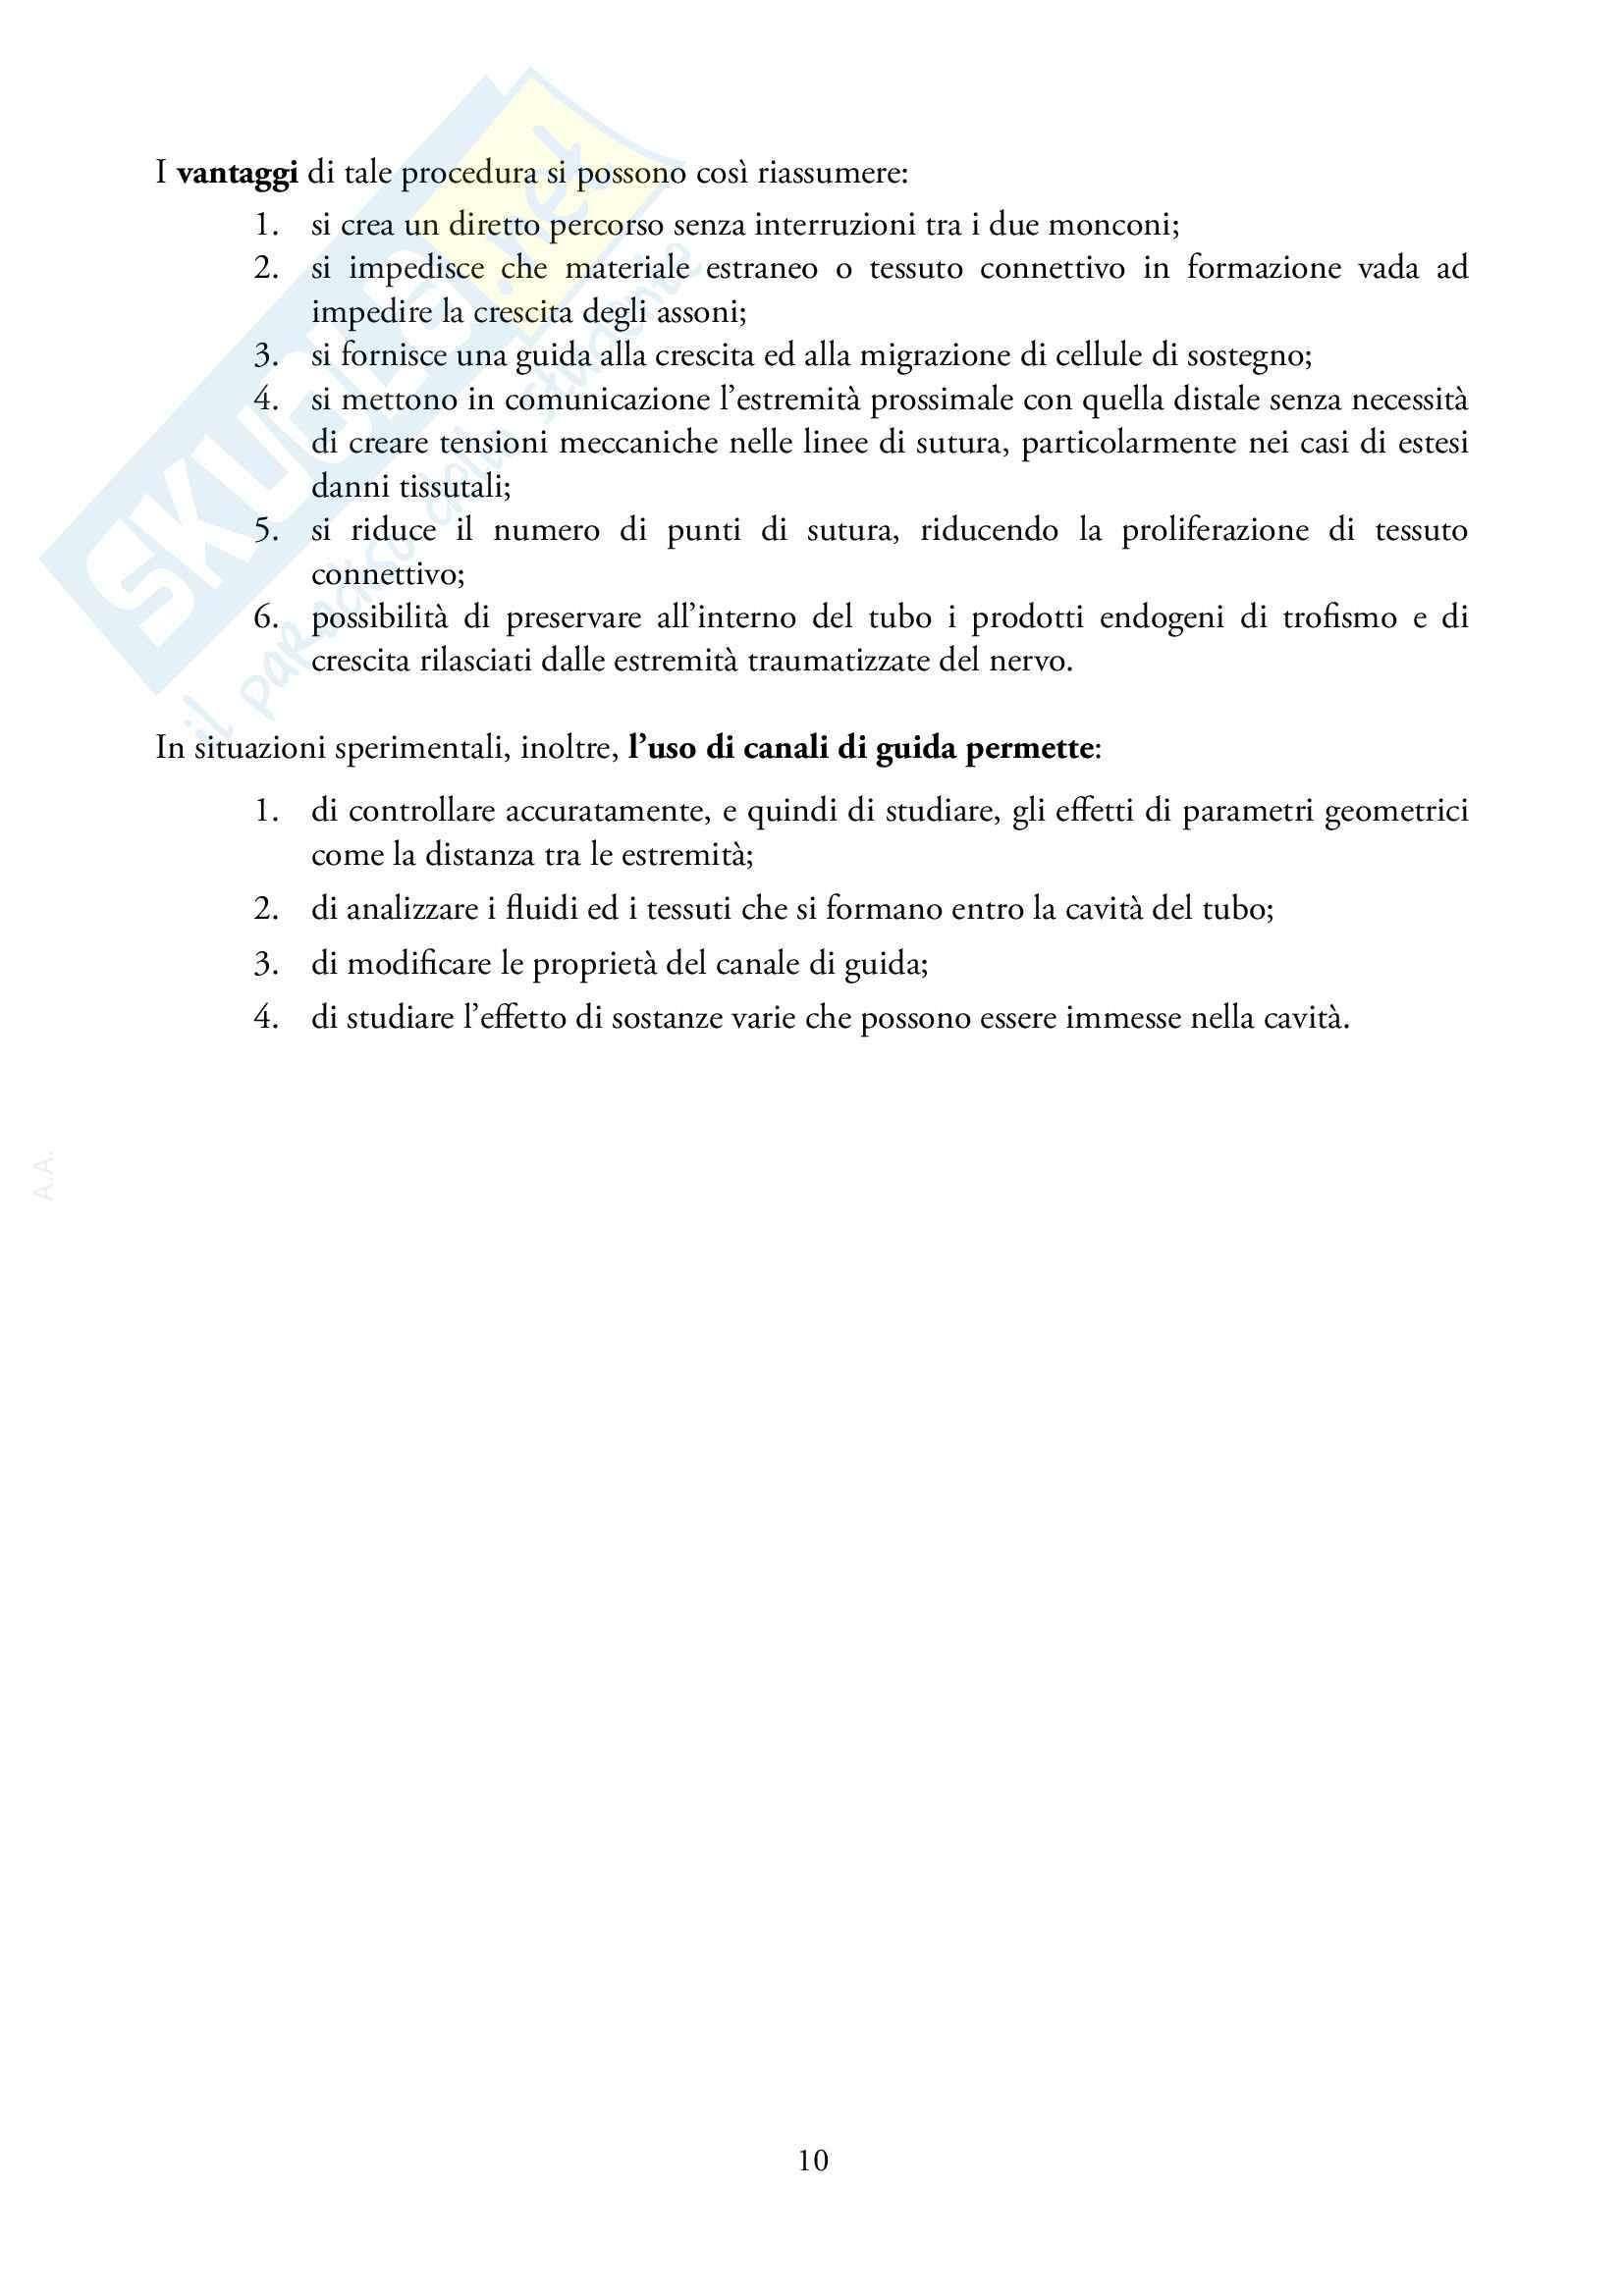 Appunti di Riabilitazione Motoria Pag. 36